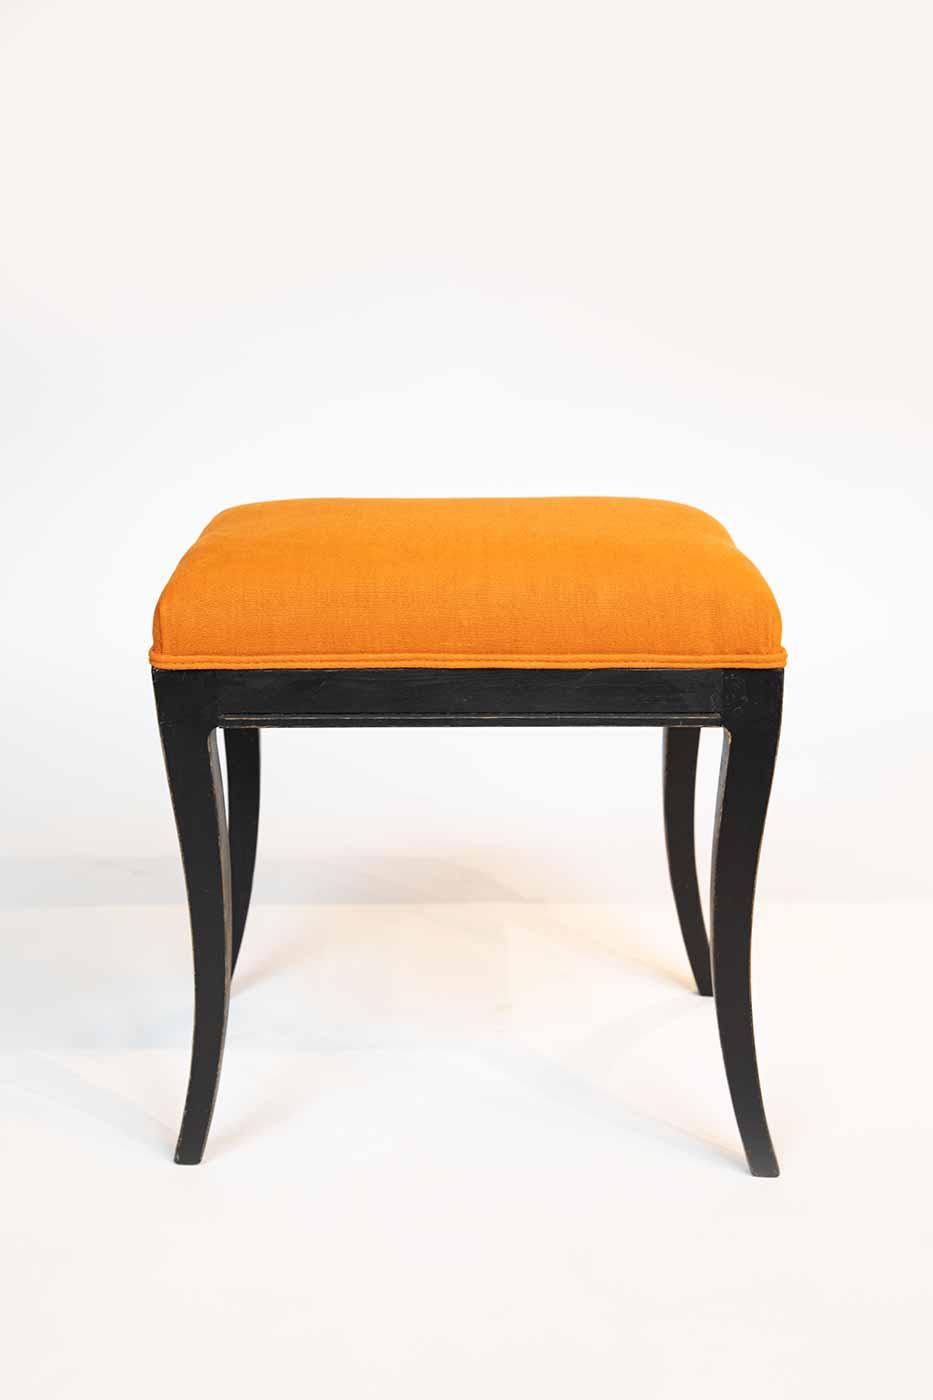 Pall Antik Sabelben Orange Brera Lino